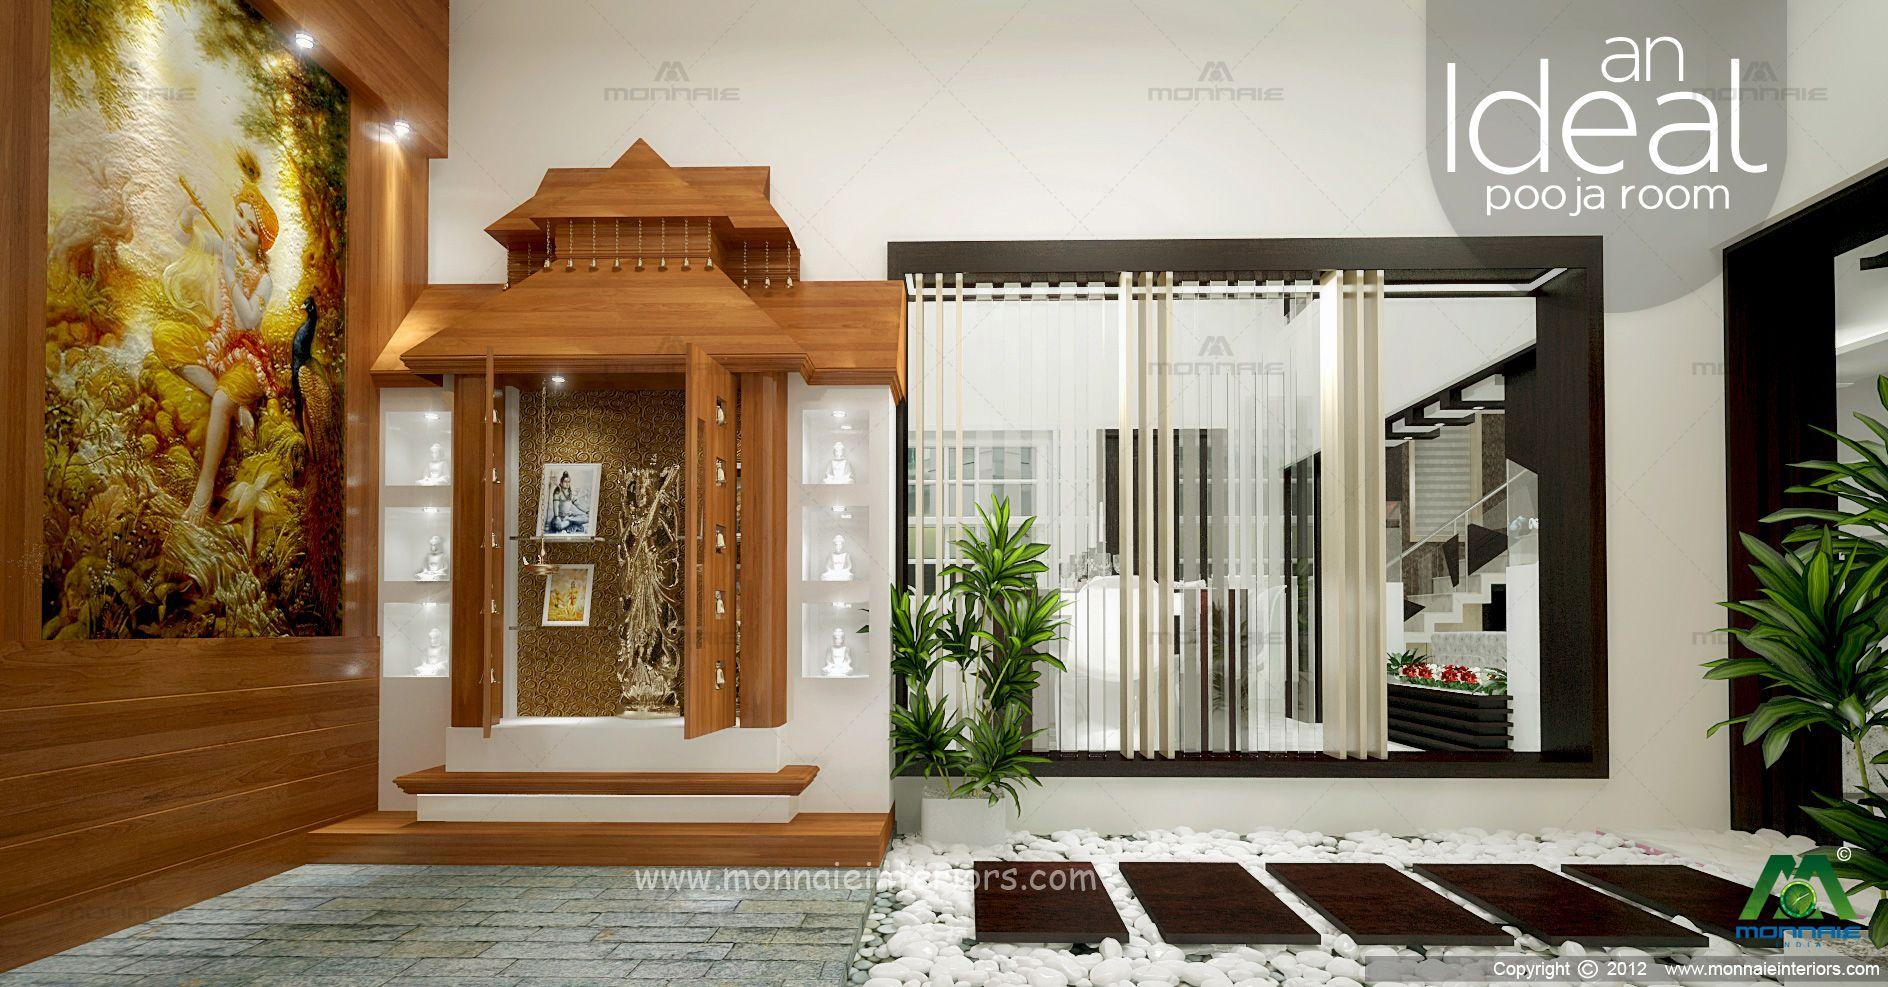 Pooja Room Design Ideas | Pooja room design, Pooja room door ...